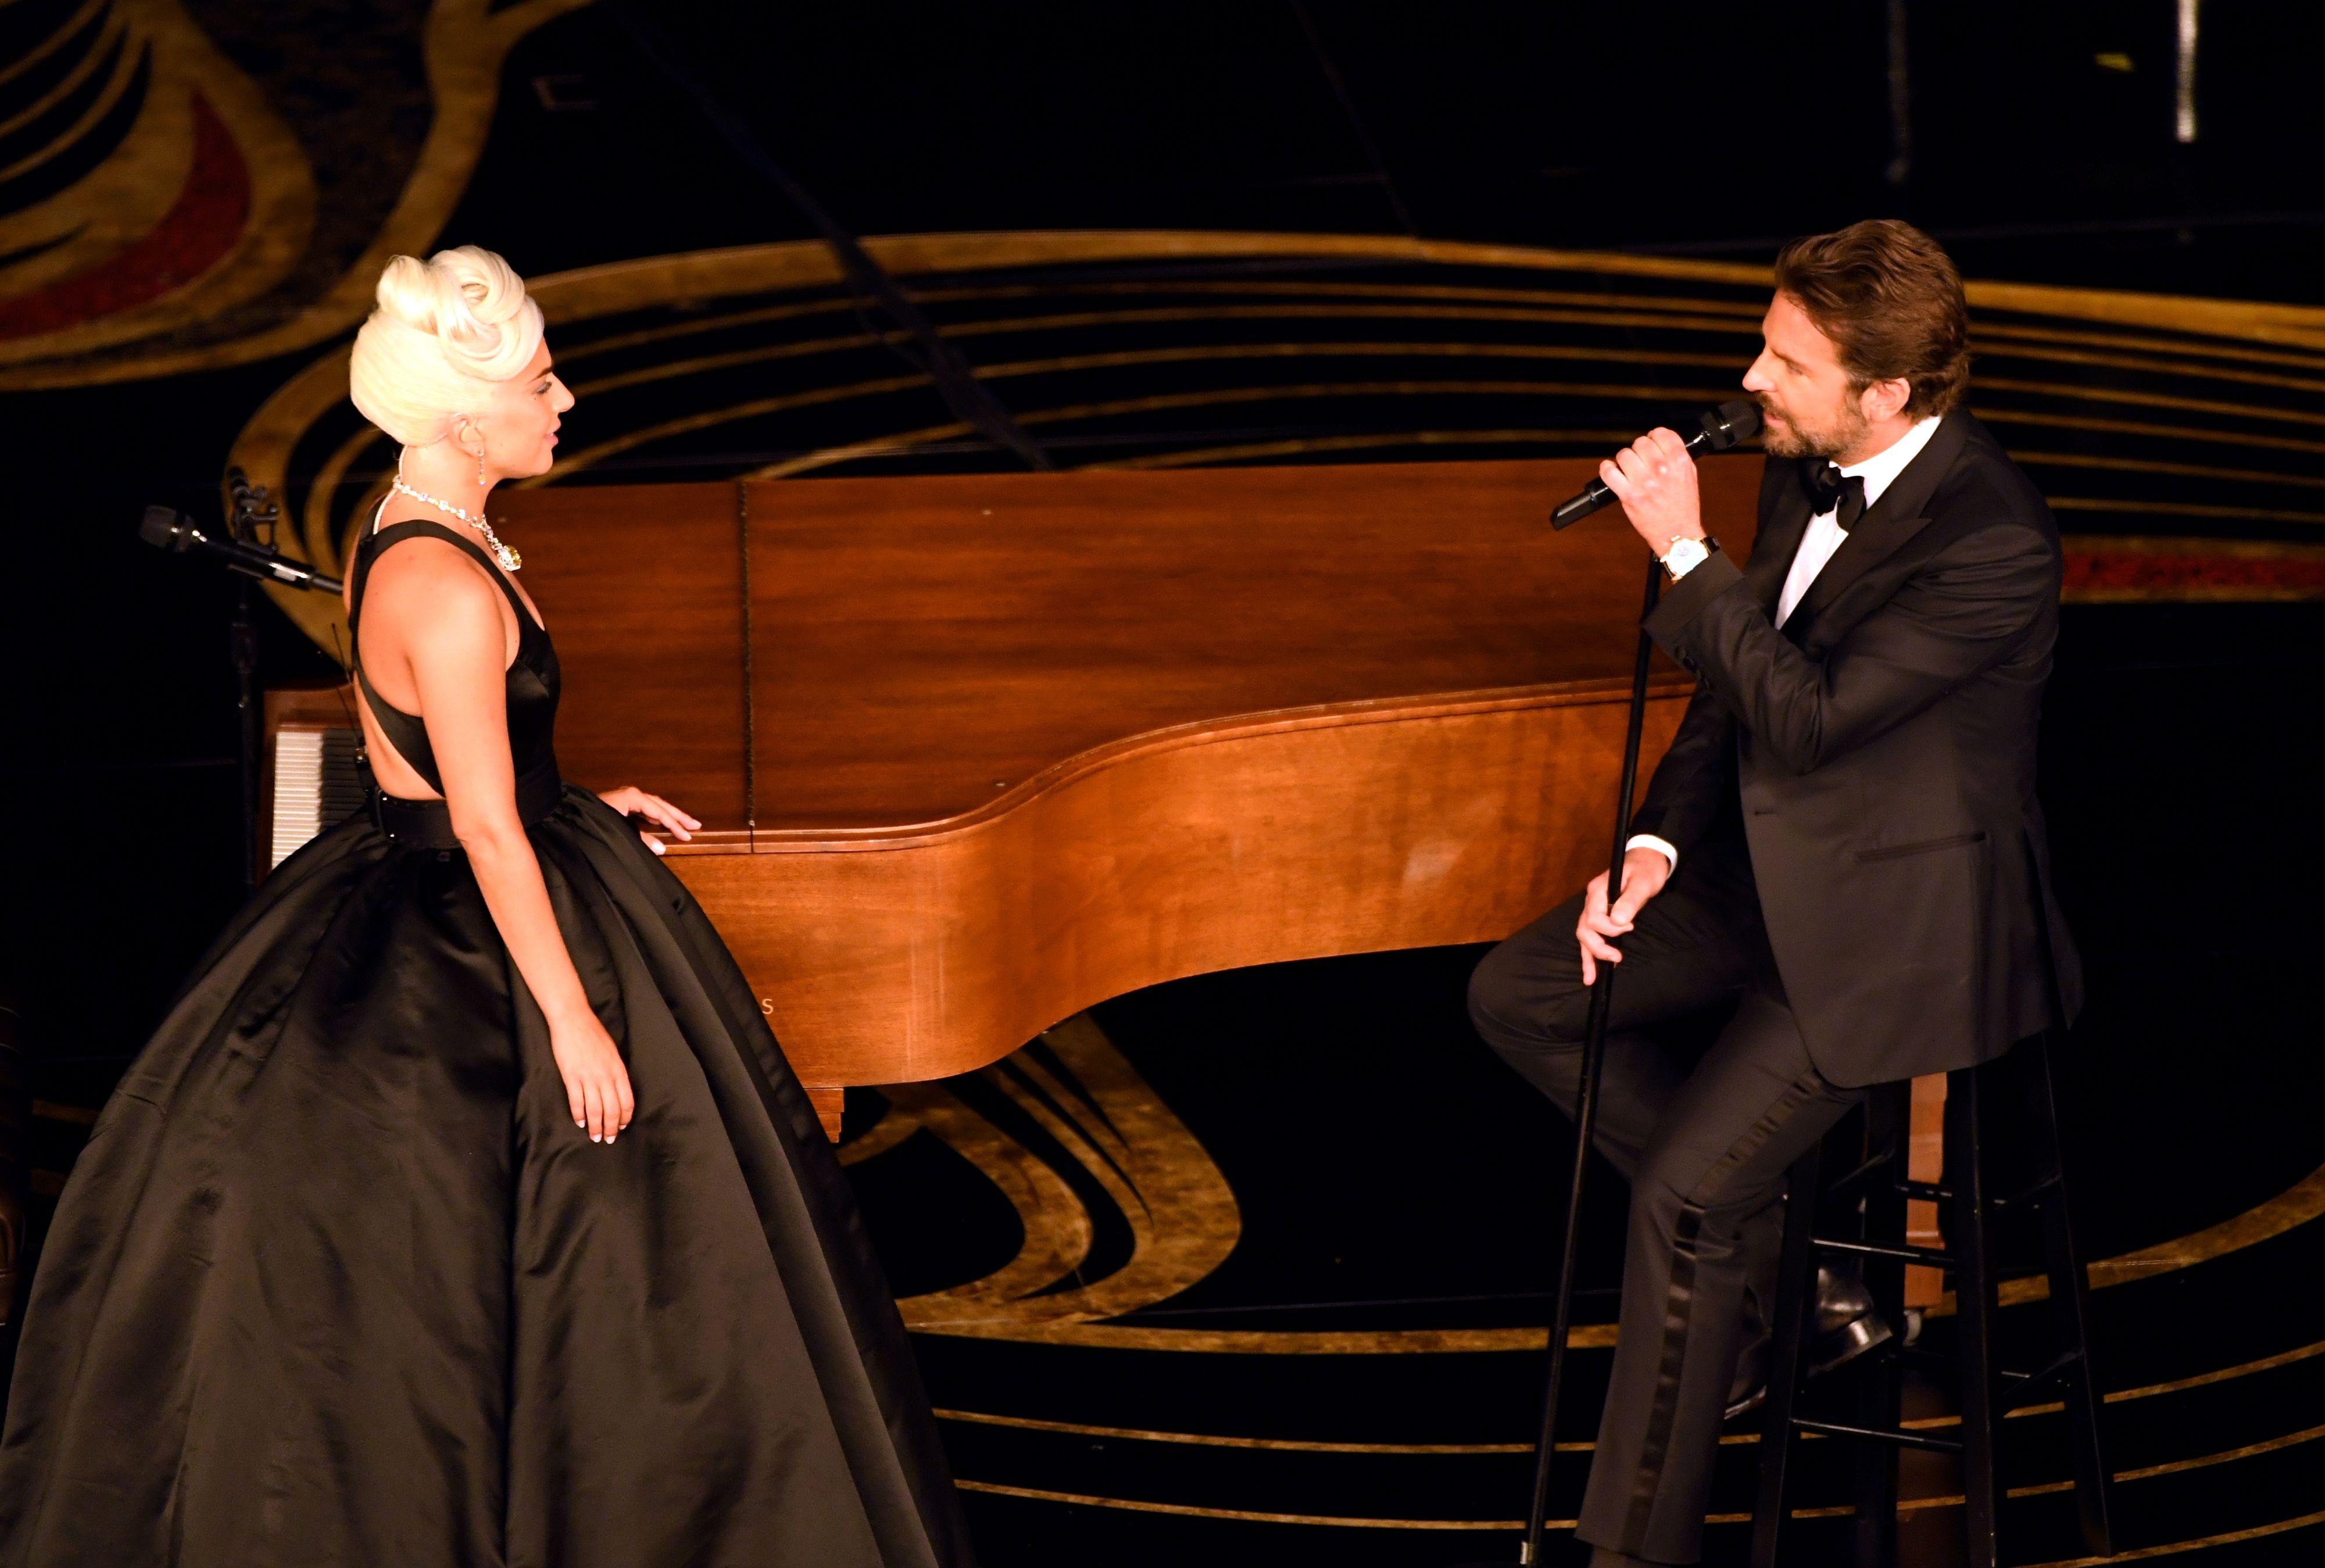 Oscar 2019 Bradley Cooper Lady Gaga - Shallow Oscar actuacion lady gaga